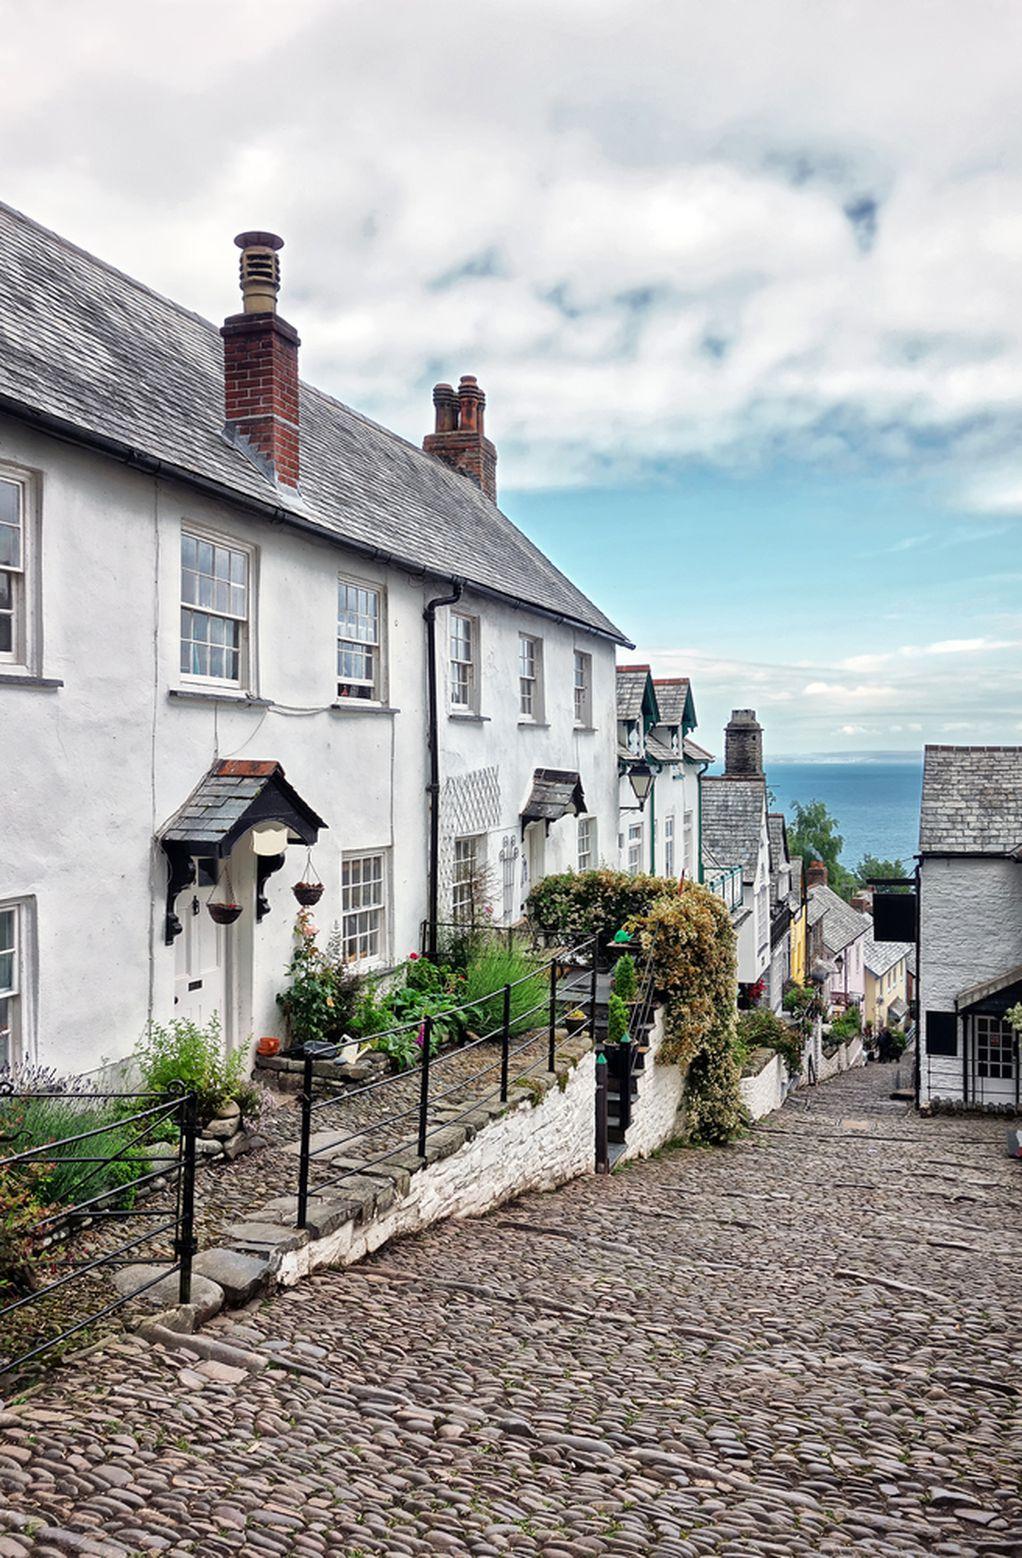 Шармантно село во Англија со уредни и шармантни куќички, поплочени улици, па дури и фарма за магариња